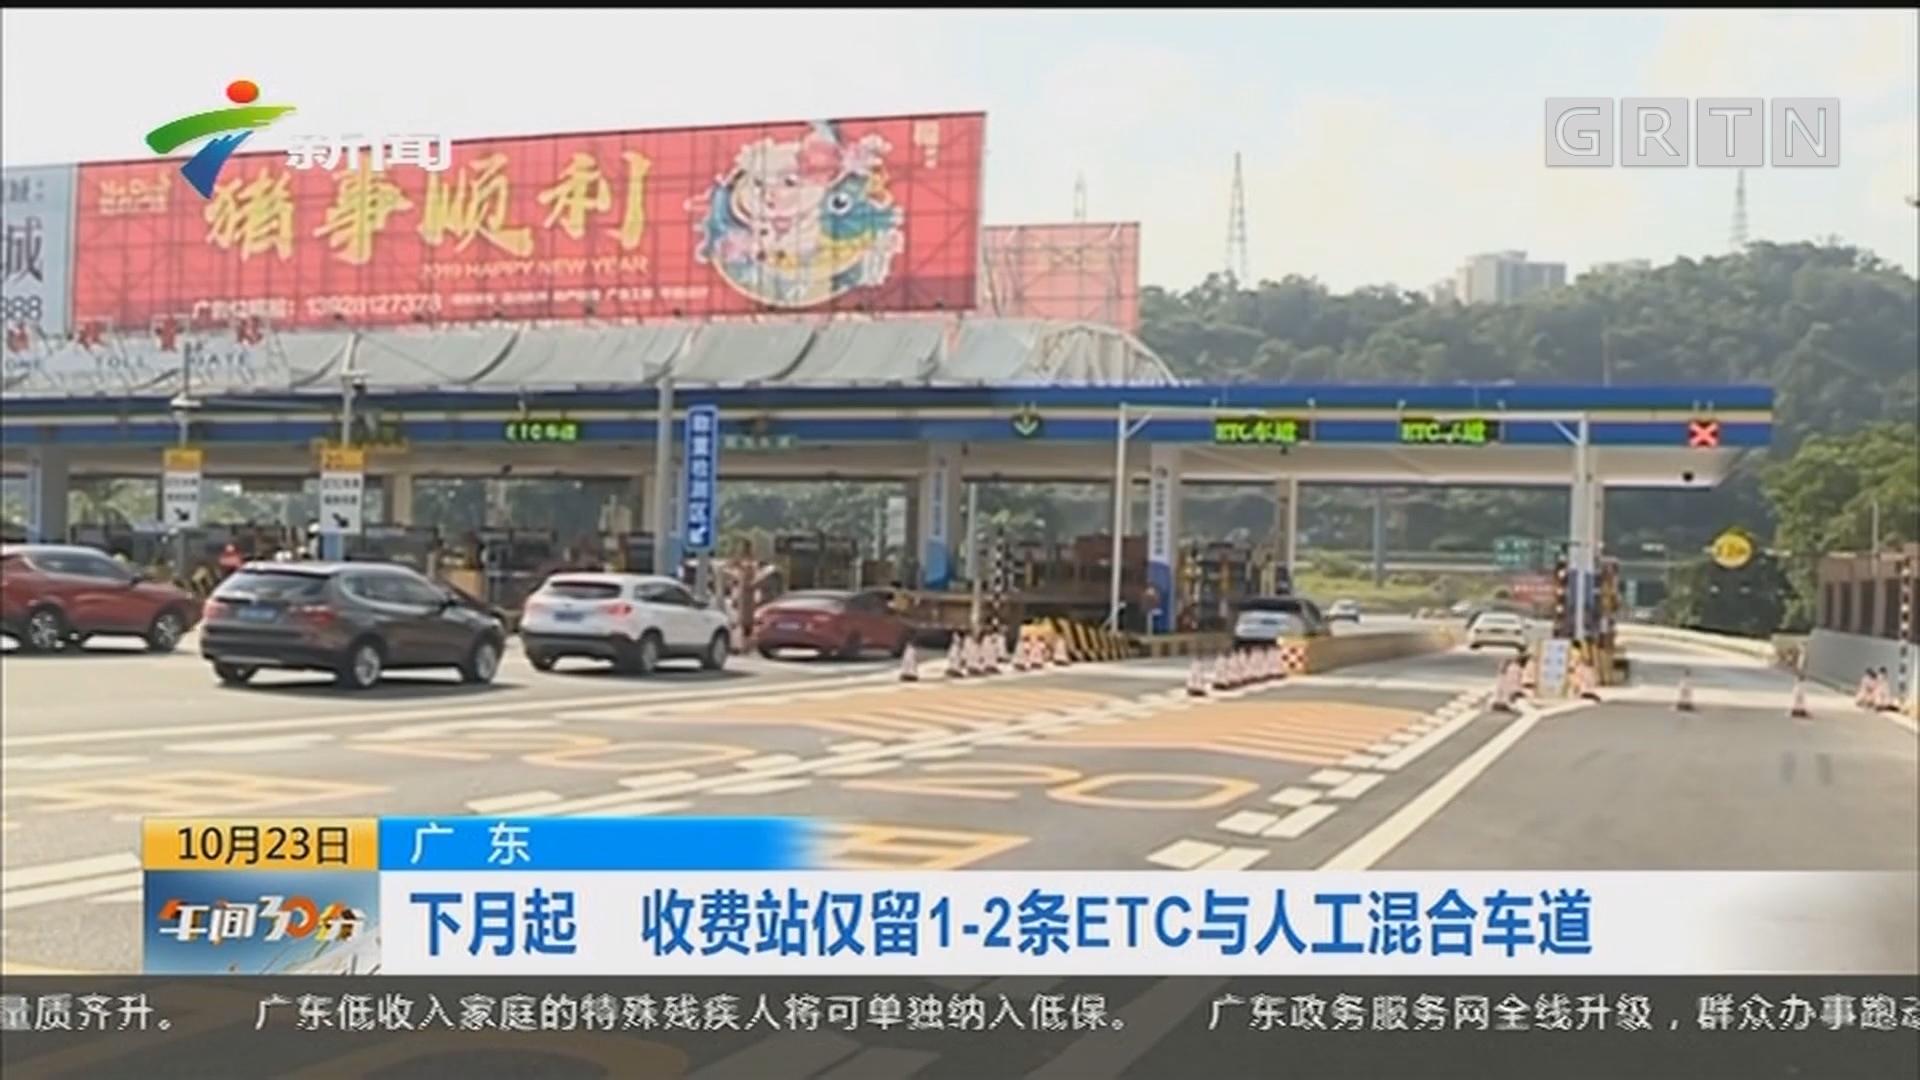 广东:下月起 收费站仅留1-2条ETC与人工混合车道